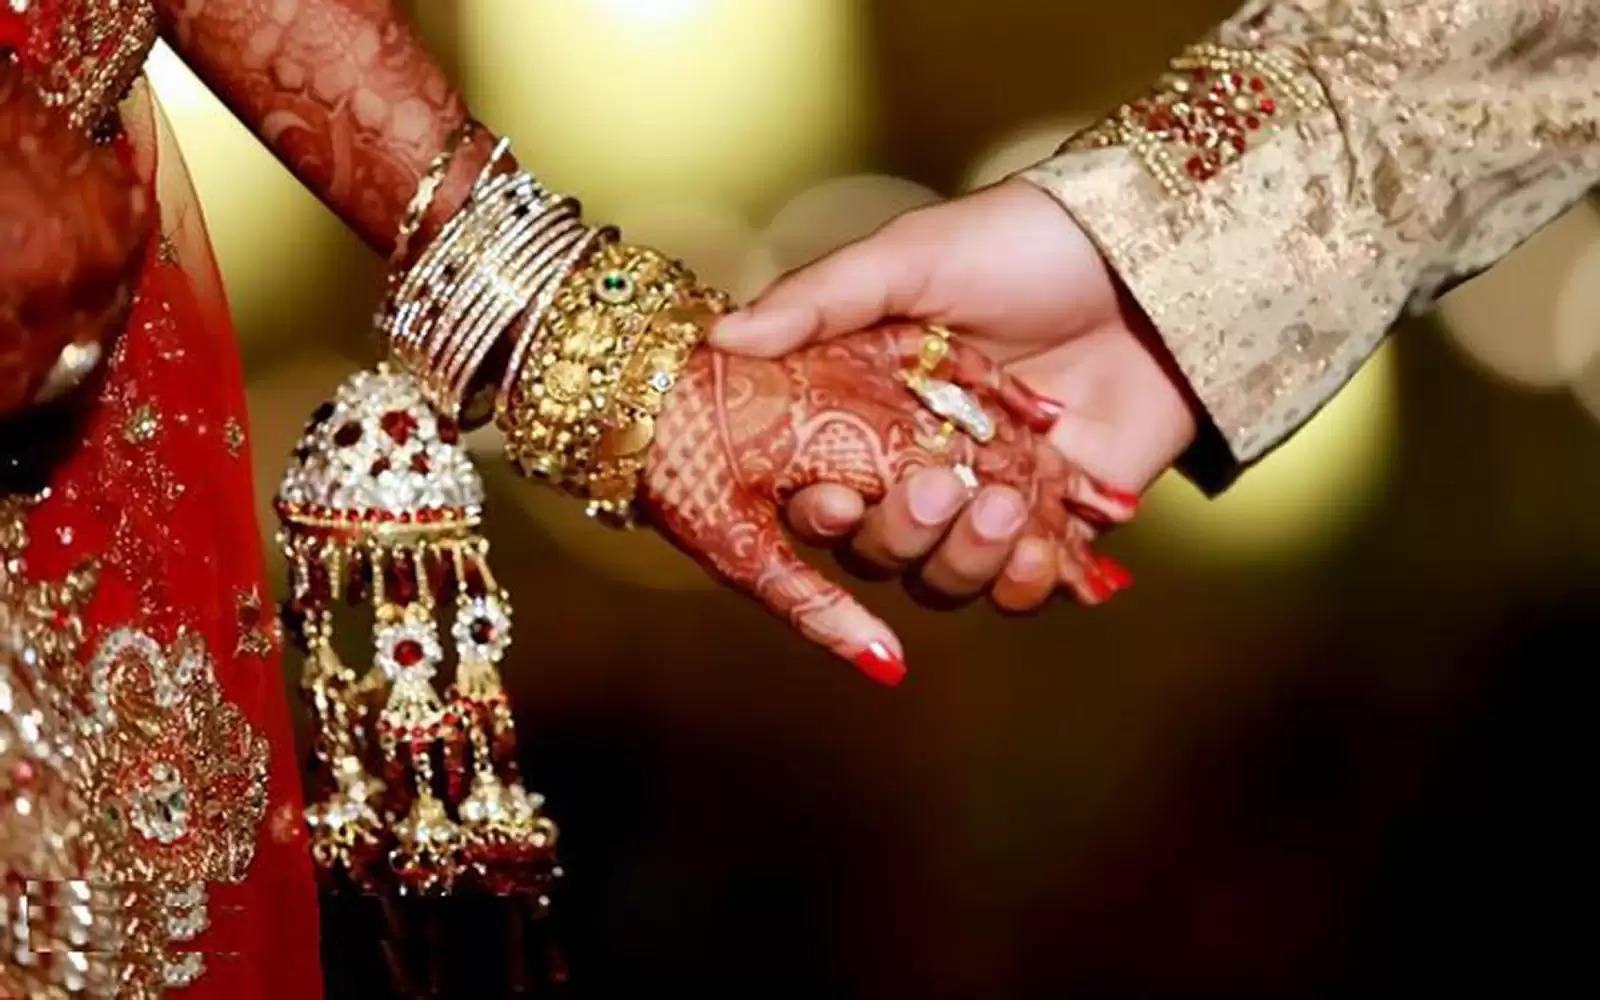 हिंदू लड़की से शादी करने के लिए मुस्लिम युवक ने बदला धर्म, हाइकोर्ट ने दी सुरक्षा